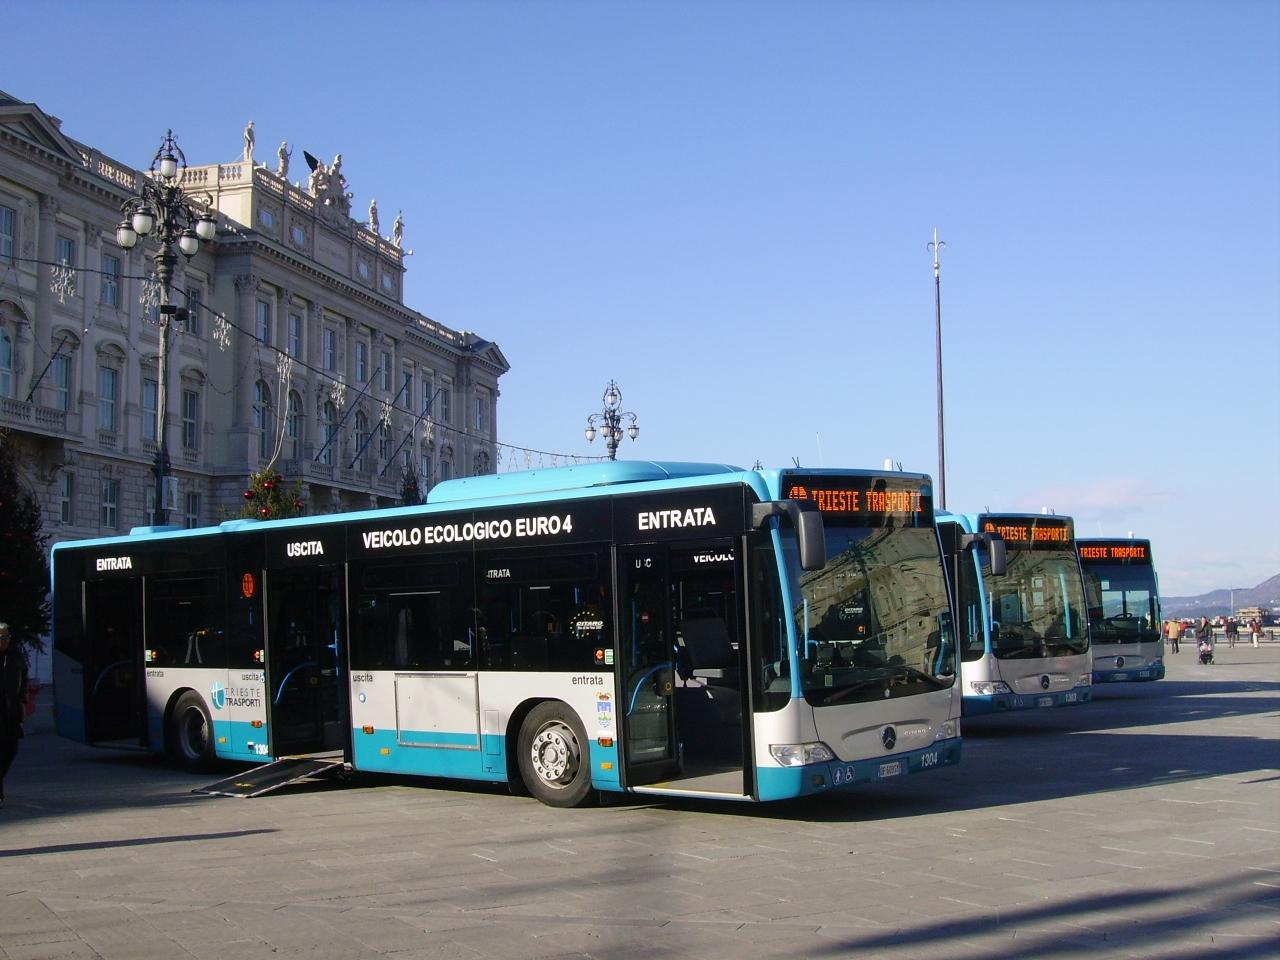 autobus 8 trieste orario - photo#19